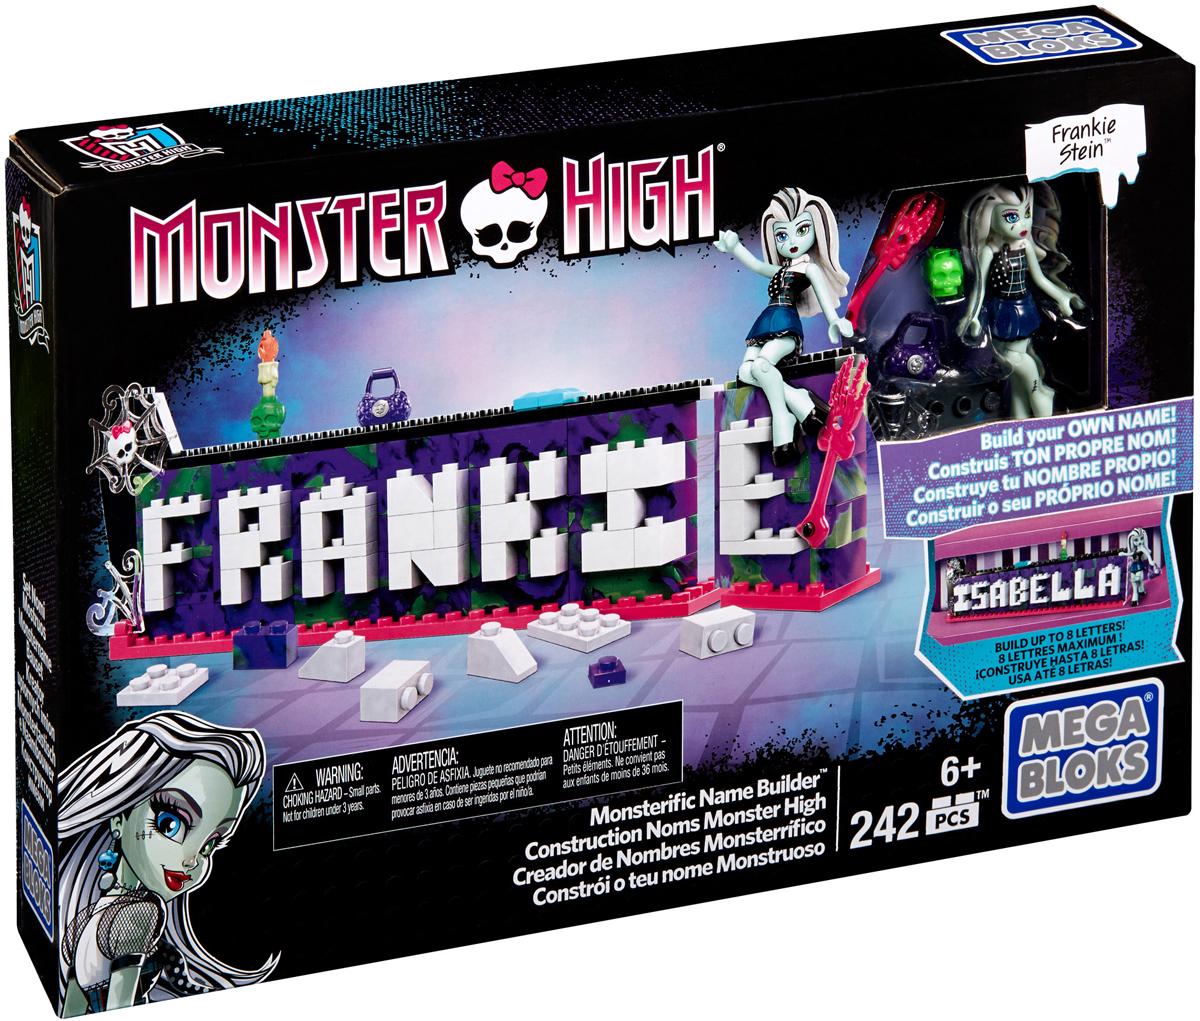 Mega Bloks Monster High Конструктор Табличка для имени Monster HighDRV33Конструктор Mega Bloks: Monster High Табличка для имени Monster High позволит вам оформить свое имя в классном стиле подростков-монстров! Этот необычный набор даст вам возможность создать табличку с именем из не более чем восьми букв, которой вы сможете украсить свою комнату, стол или любое другое место в доме! В набор входит фигурка Фрэнки Штейн, а также невероятно крутые аксессуары, которыми вы можете украсить свою табличку! Соедините сразу несколько табличек, чтобы составить целые фразы или предложения! В набор входят 242 пластиковых элемента. Собирая конструктор, ребенок разовьет внимание, воображение, мелкую моторику рук, пространственное и логическое мышления, а собранная своими руками игрушка будет для него гораздо дороже, чем готовая - ведь он вложил в нее свой драгоценный труд.